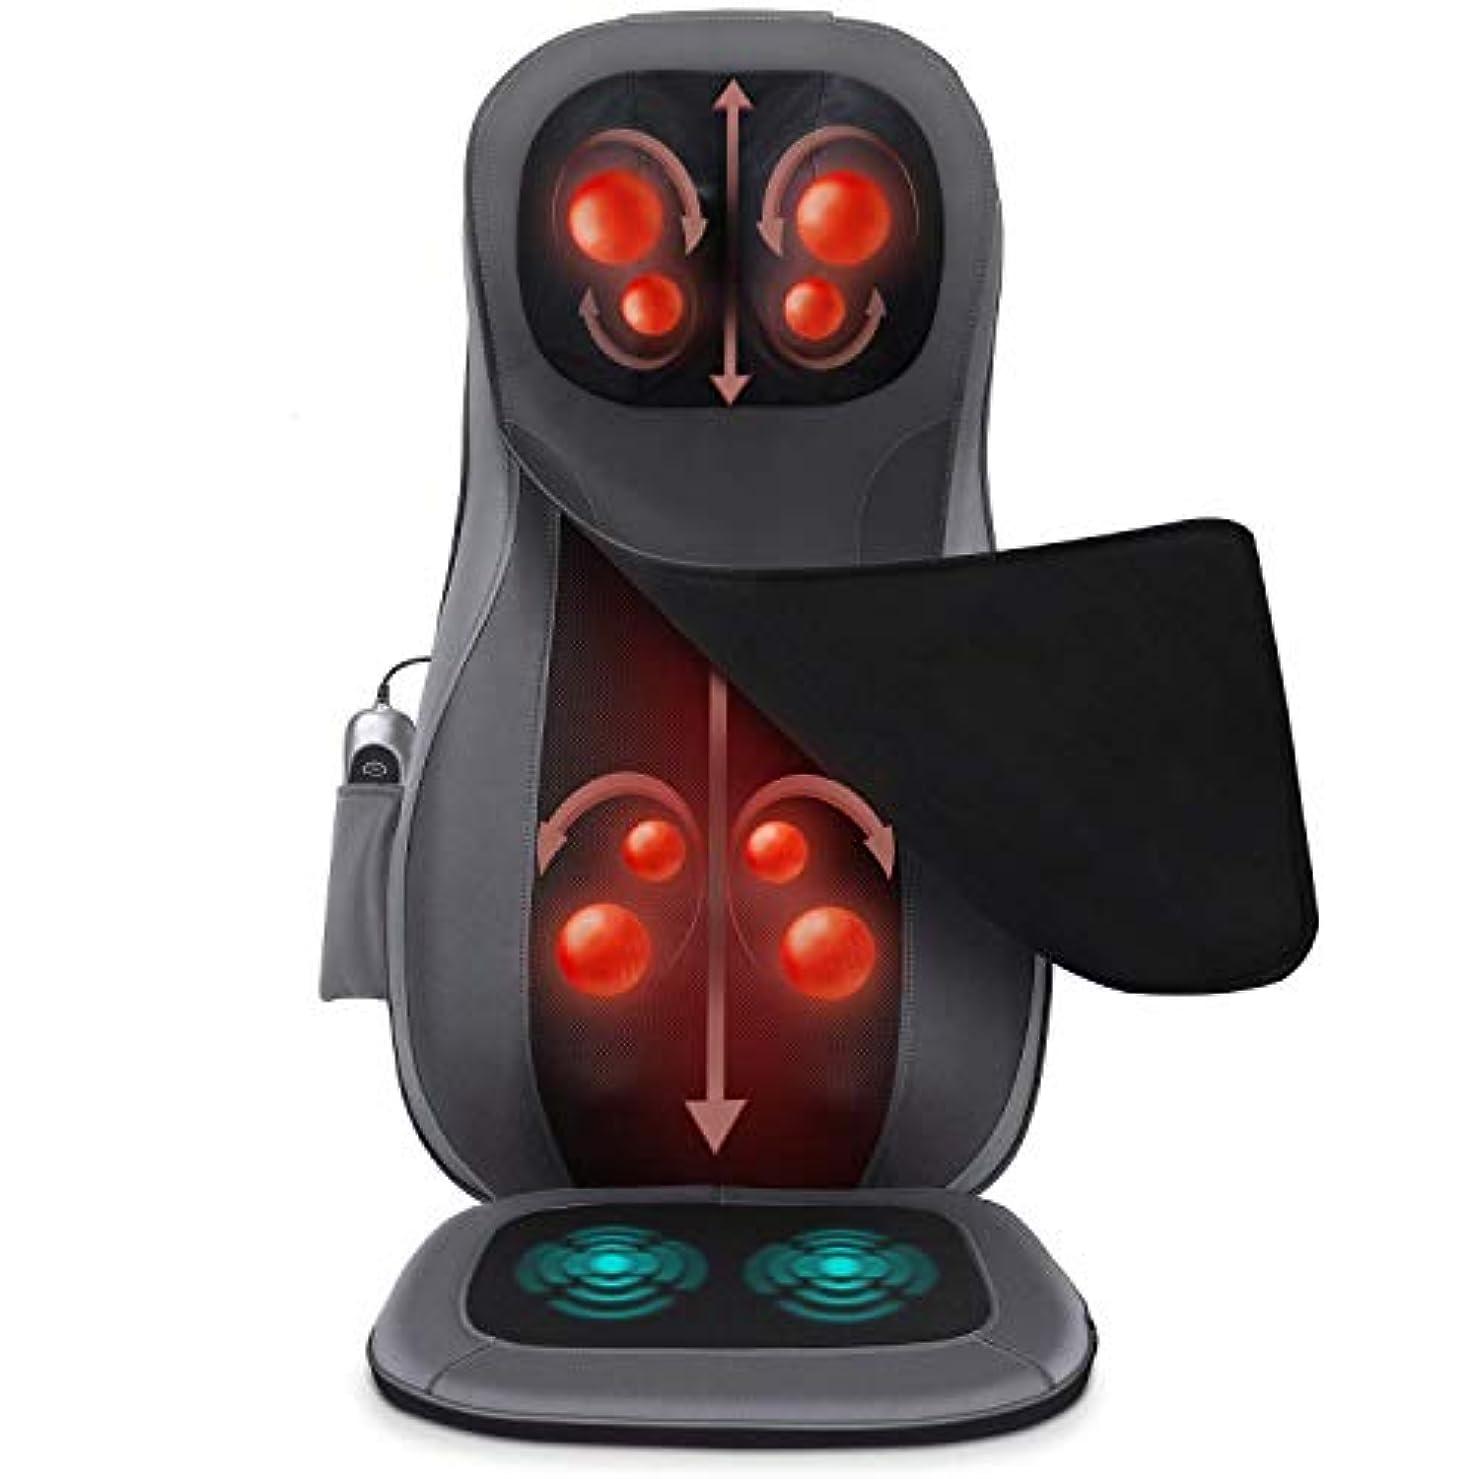 シエスタ滝人道的オフィスでのピンポイントフルボディのための熱ローリング混練振動、ホーム、車で指圧マッサージチェアシートクッション、バックとネックマッサージャー、